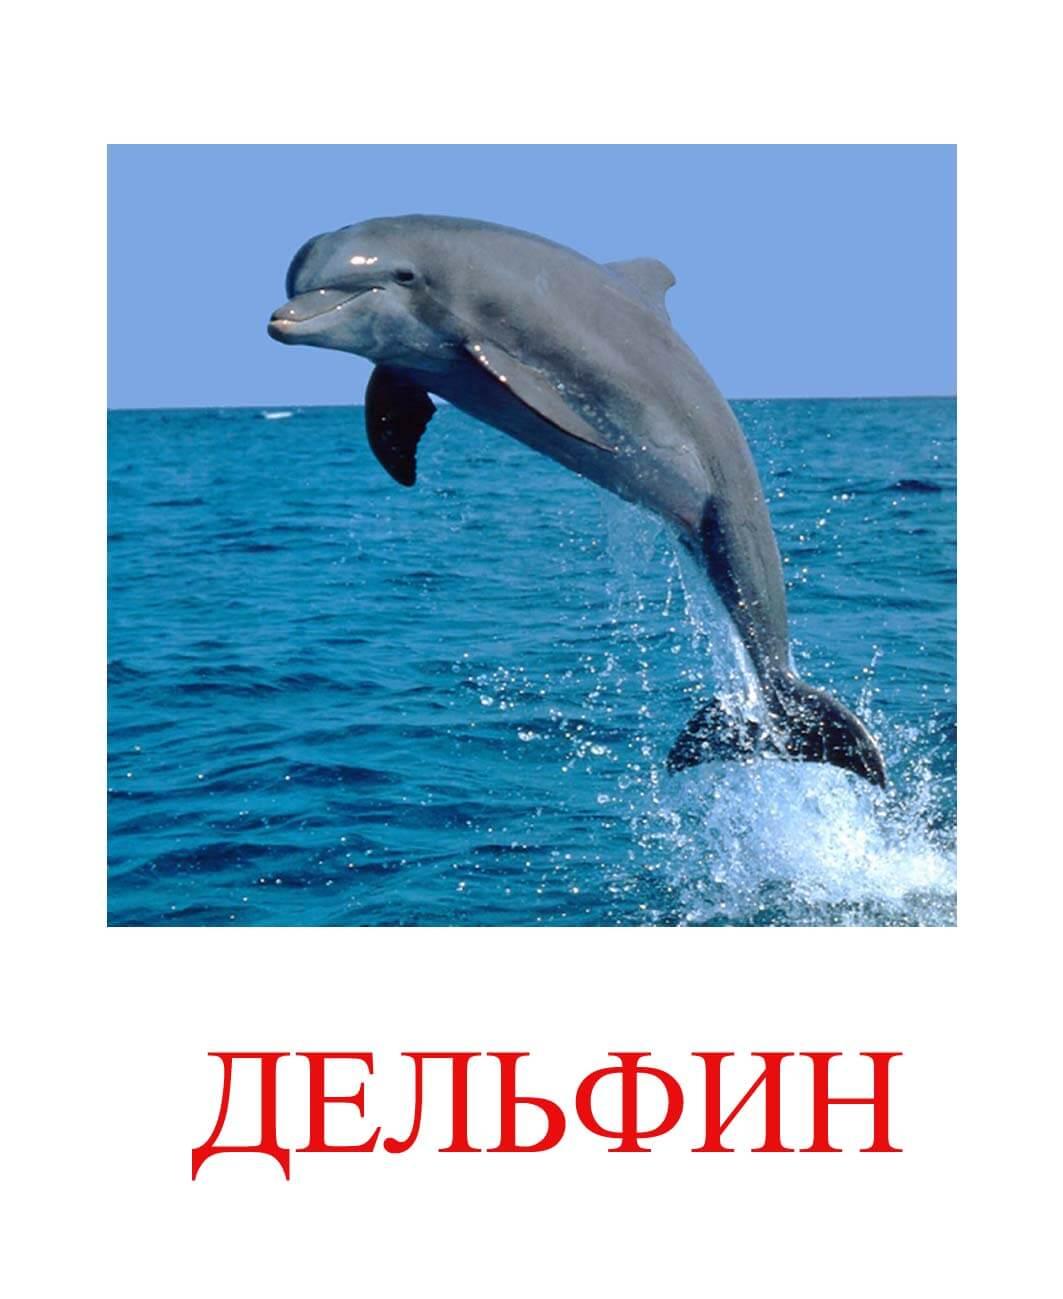 Дельфин картинка для детей